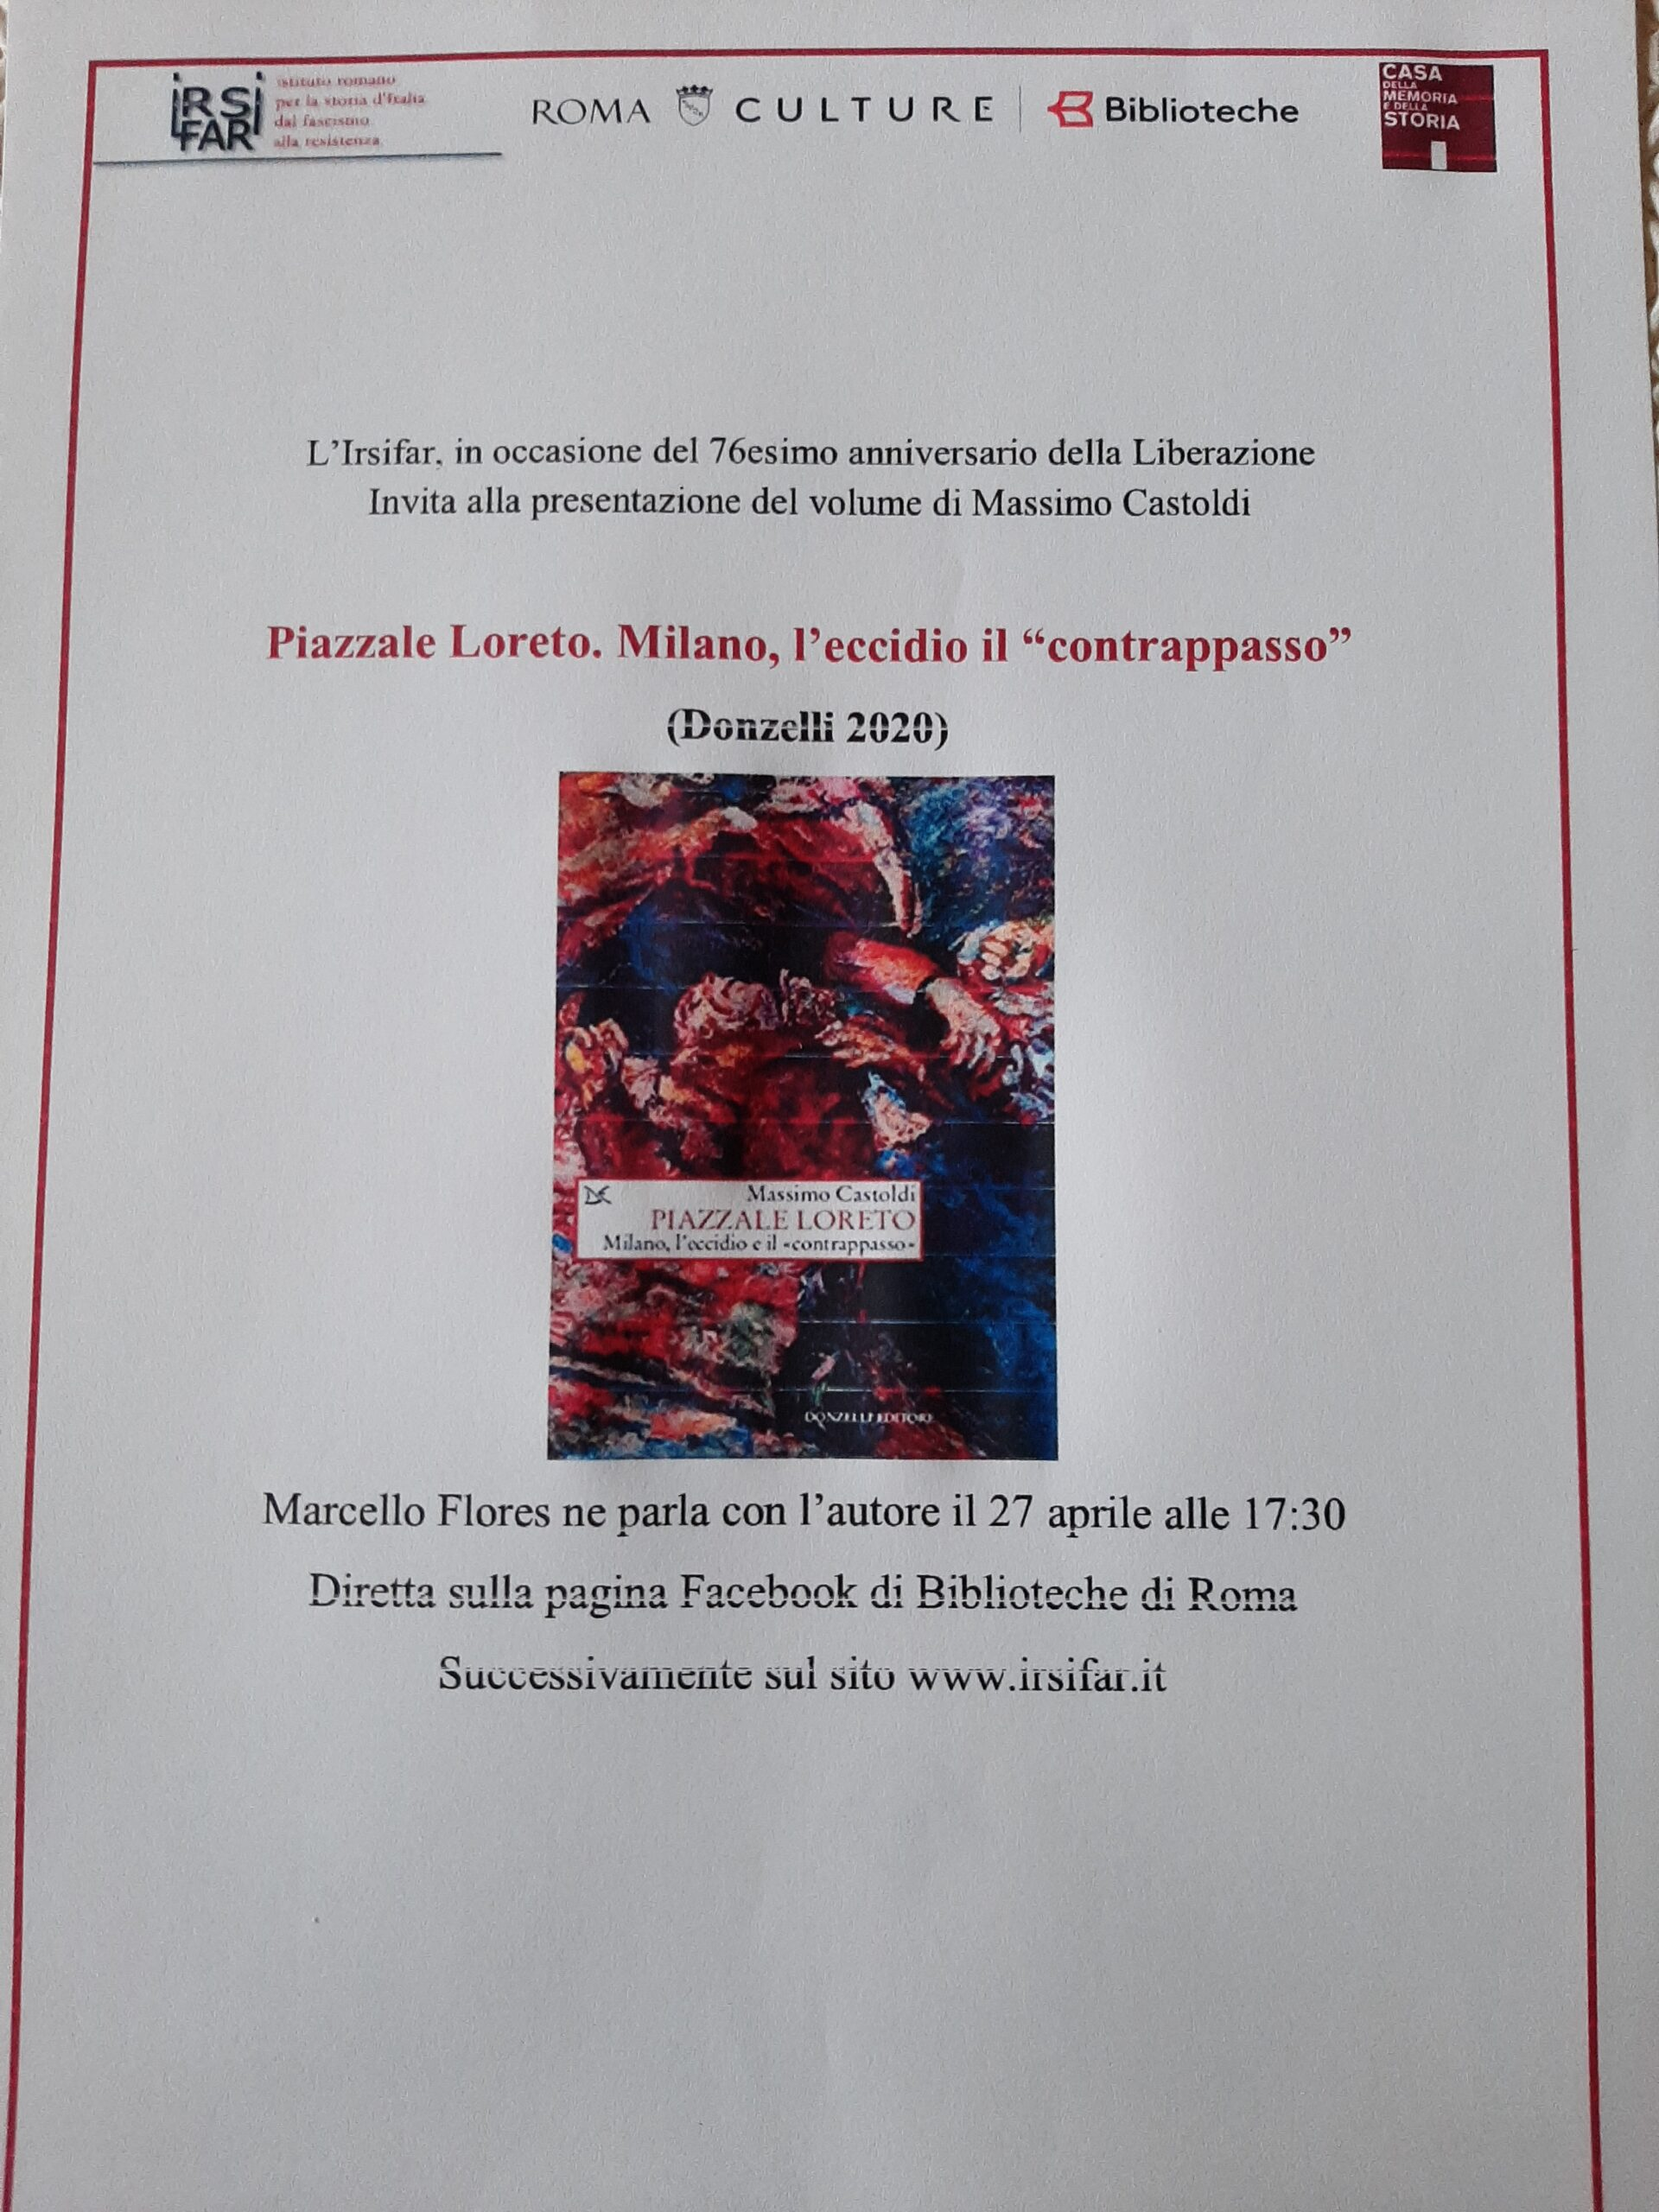 """76 anniversario della liberazione: presentazione del libro di Massimo Castoldi, Piazzale Loreto, Milano, l'eccidio, il """"contrappasso""""."""